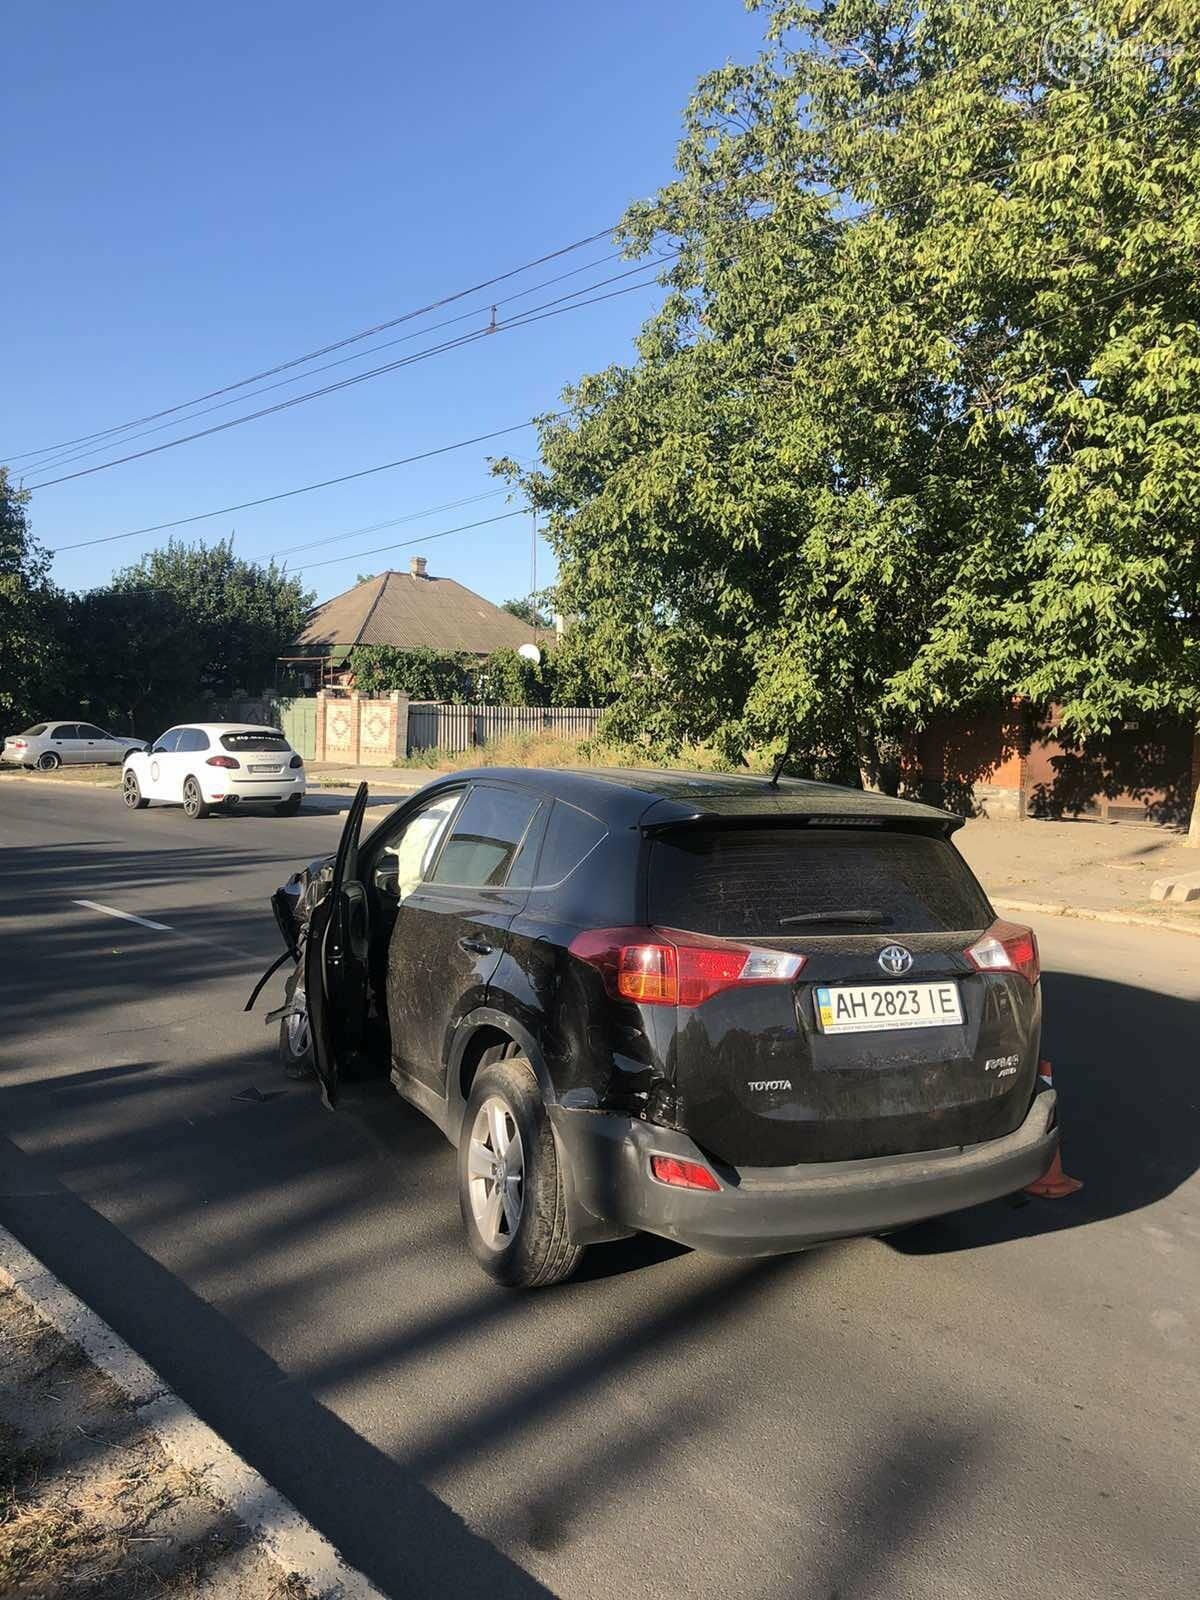 В Мариуполе на перекрестке столкнулись ВАЗ и Toyota. Пострадал 23-летний парень, - ФОТО, фото-3